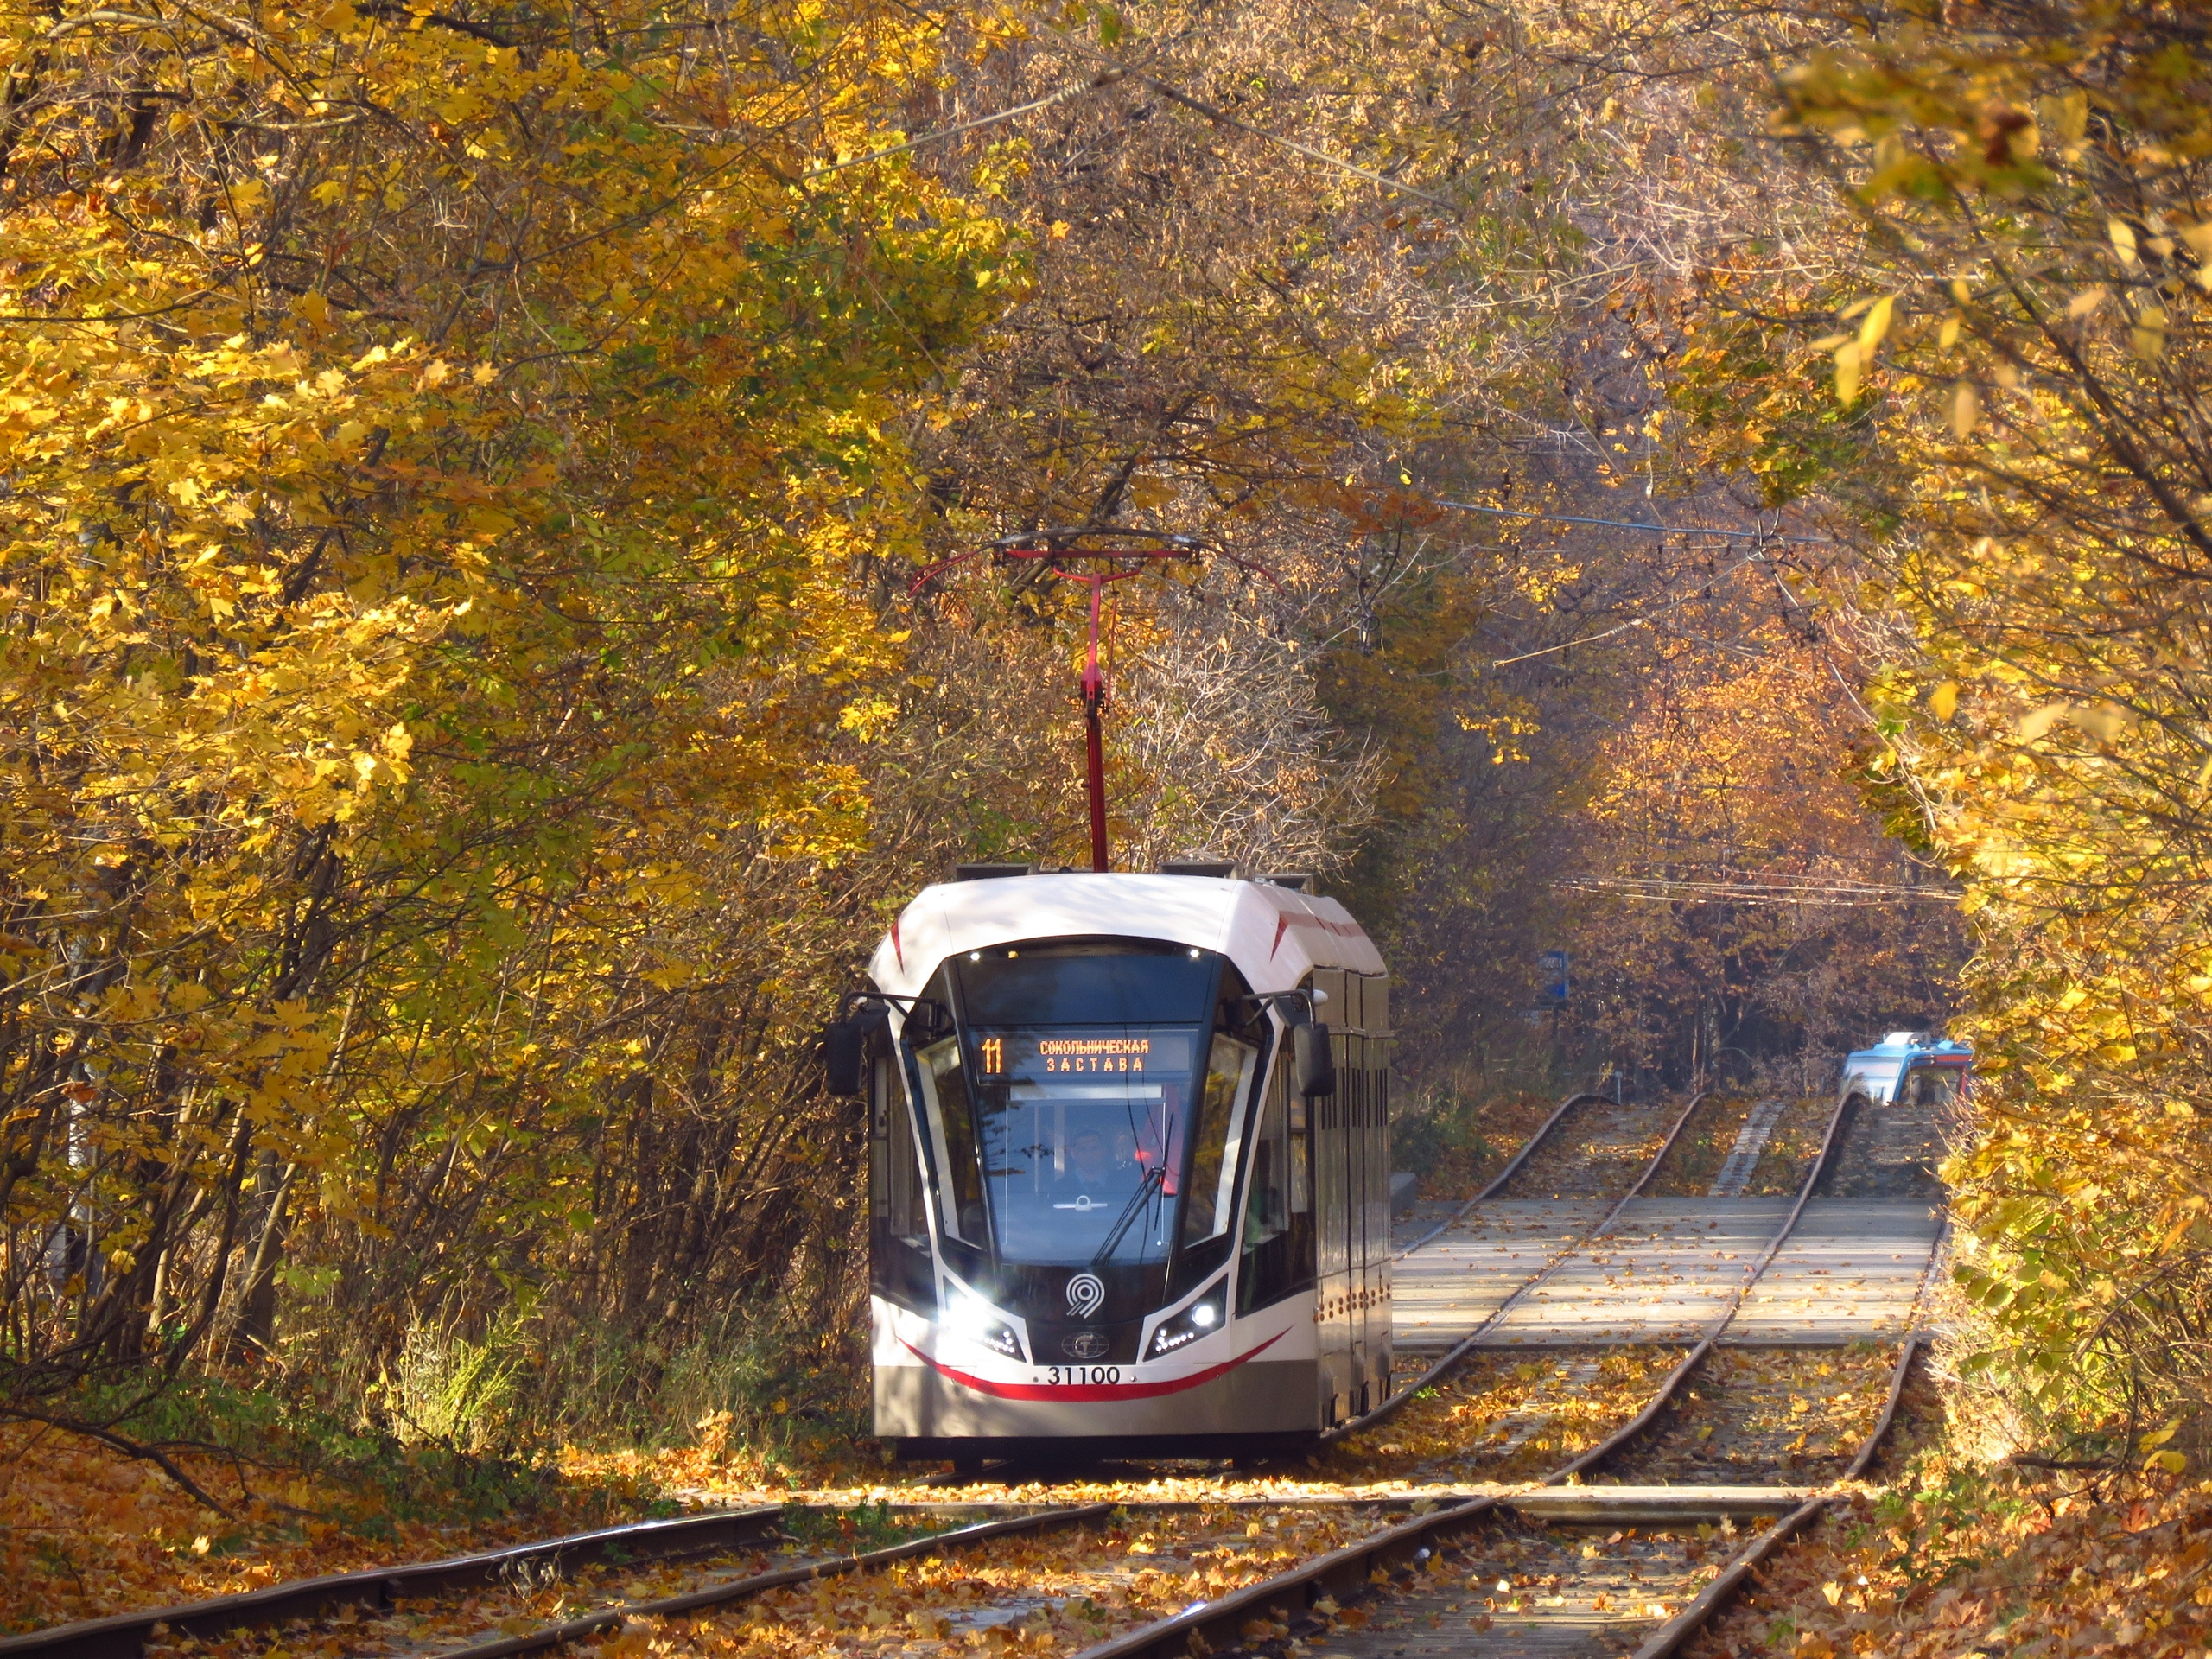 Красивее золотой осени могут быть только трамваи на фоне золотой осени